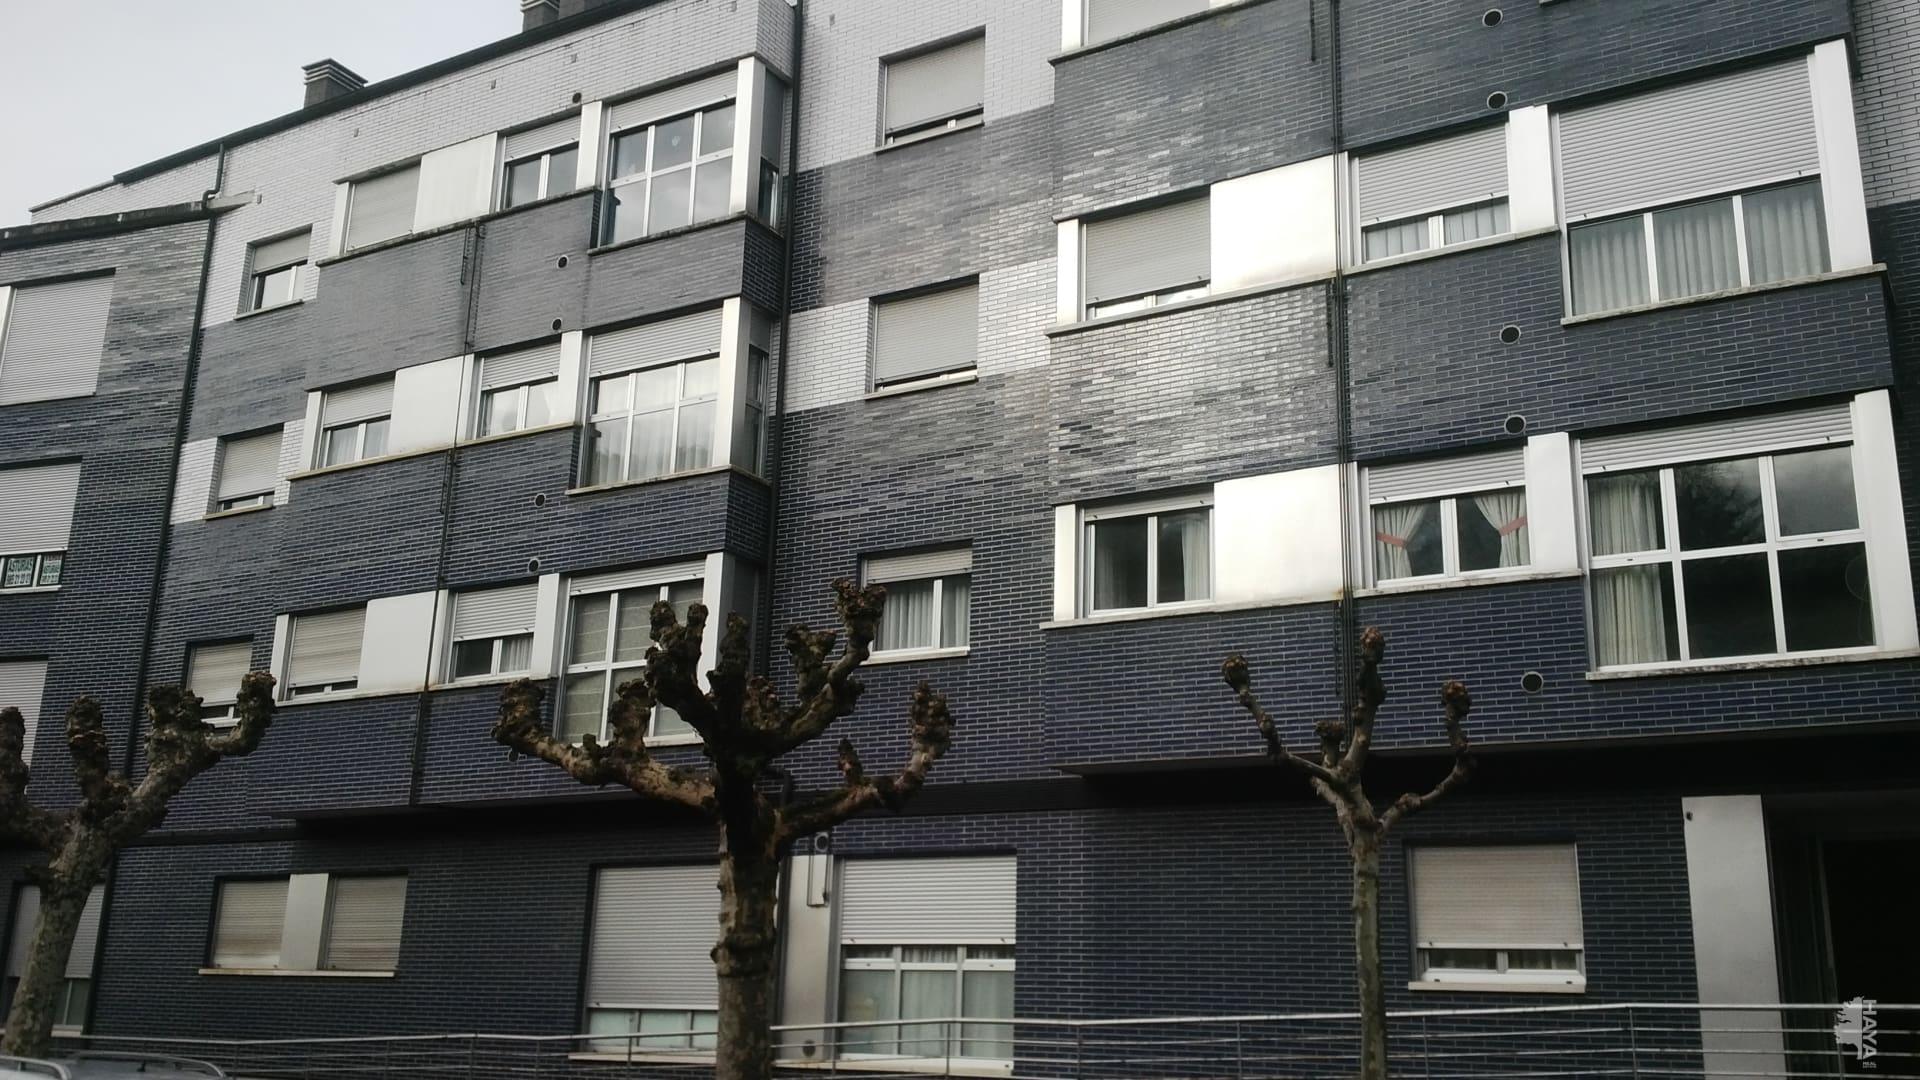 Piso en venta en Gijón, Asturias, Calle Gerenal Elorza, 38.100 €, 2 habitaciones, 1 baño, 61 m2